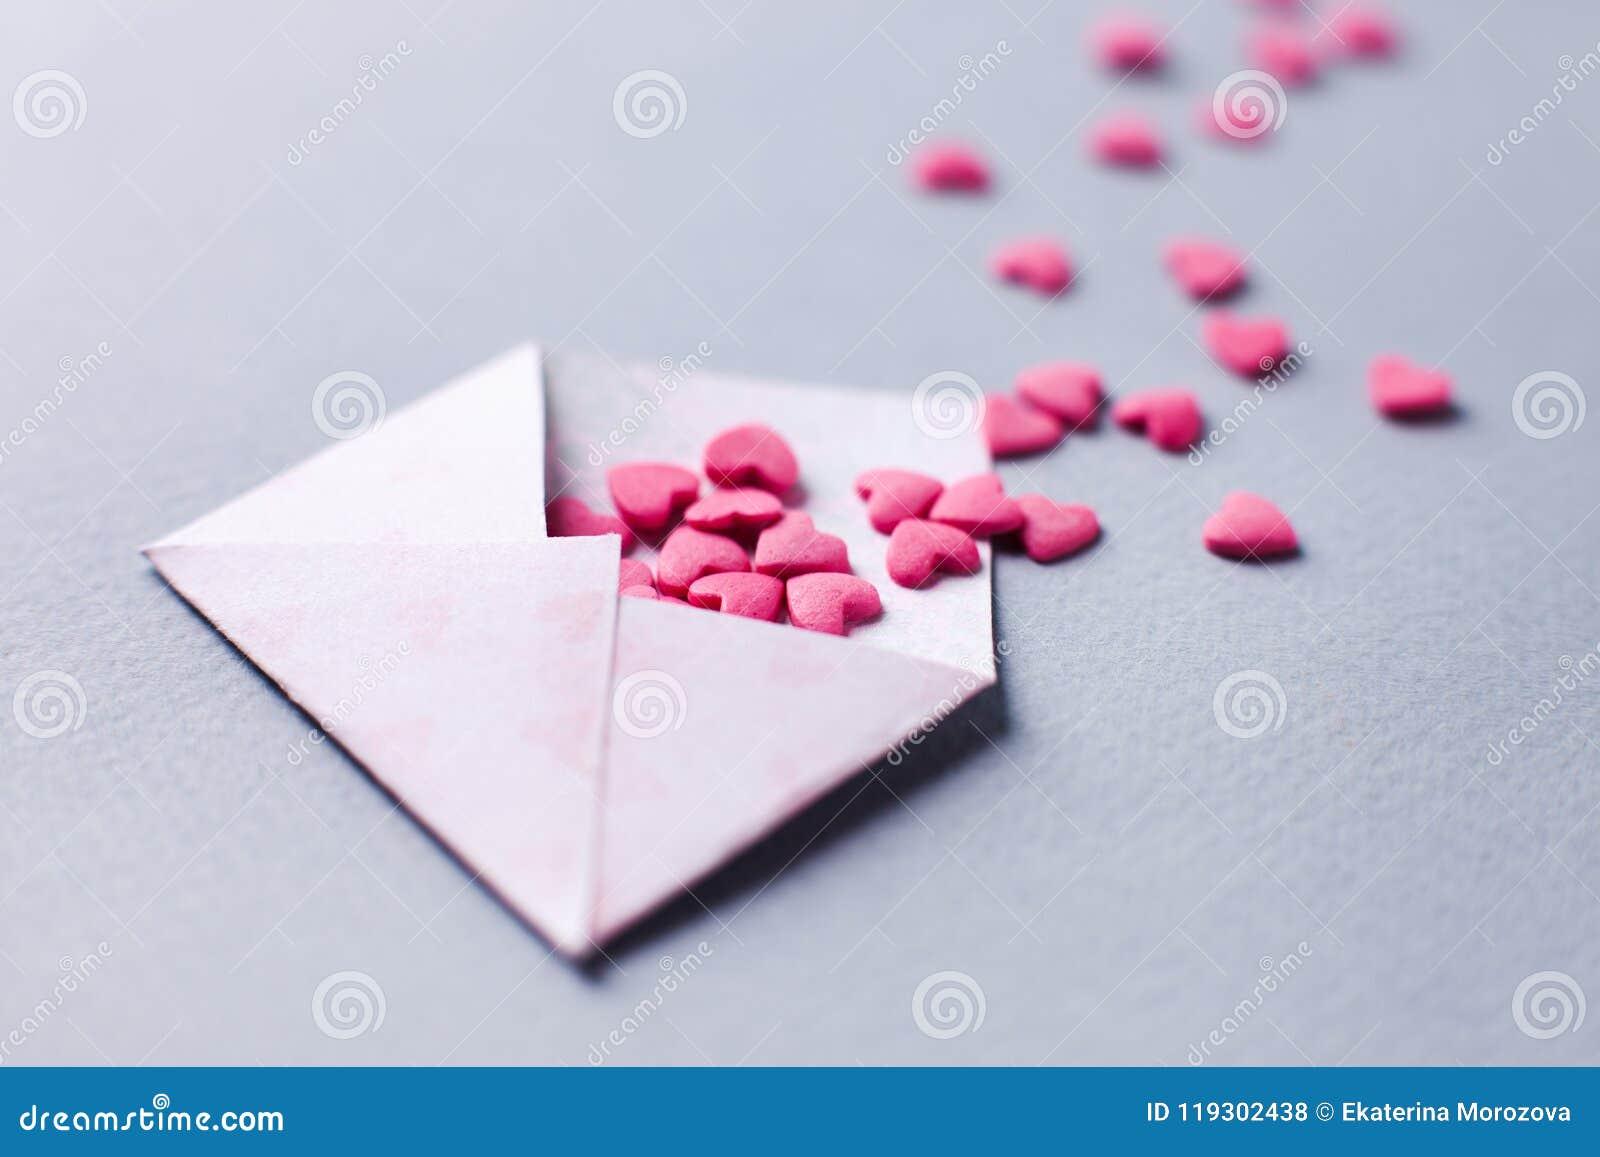 Γιορτάστε στις 14 Φεβρουαρίου με τη χειροποίητη κάρτα Στείλετε τις κάρτες στους ανθρώπους που αγαπάτε Χαιρετισμός ημέρας βαλεντίν